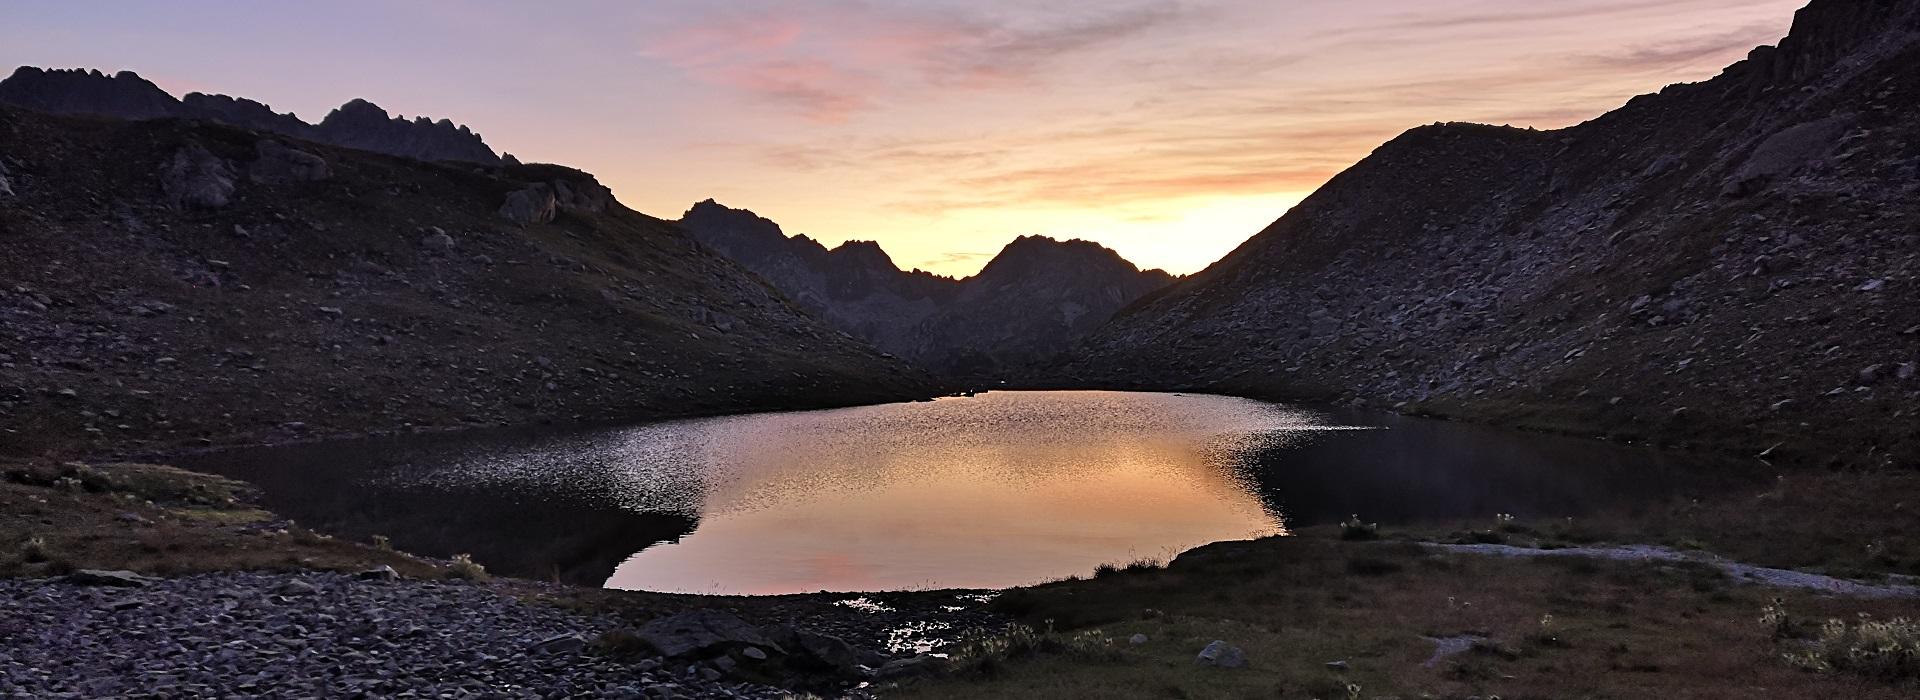 Lac de la colombière